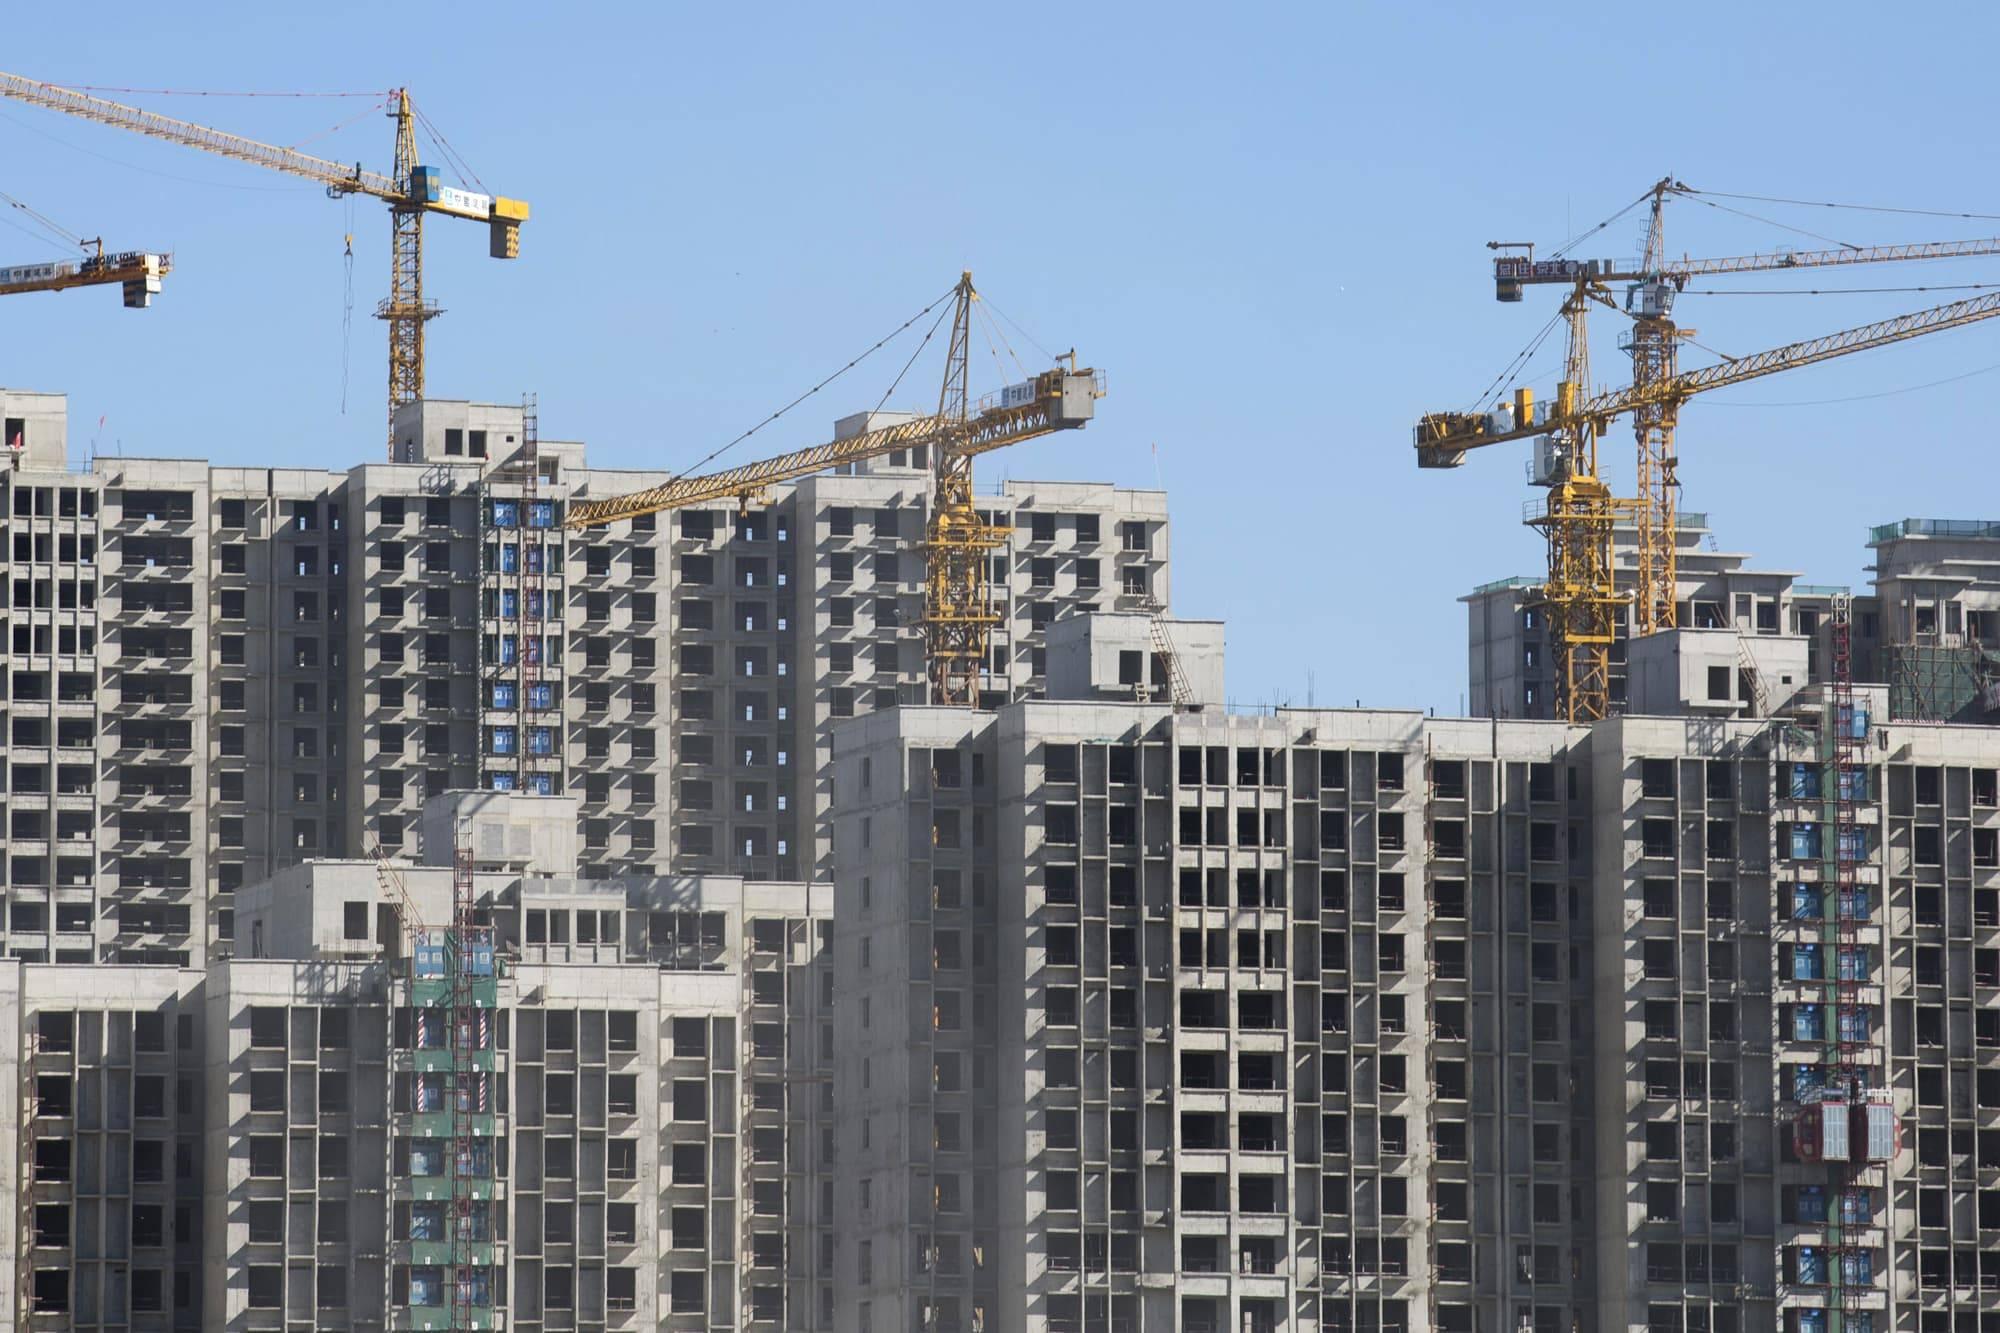 Купить квартиру в китае, жилье и недвижимость в кнр цены в рублях, сколько стоит